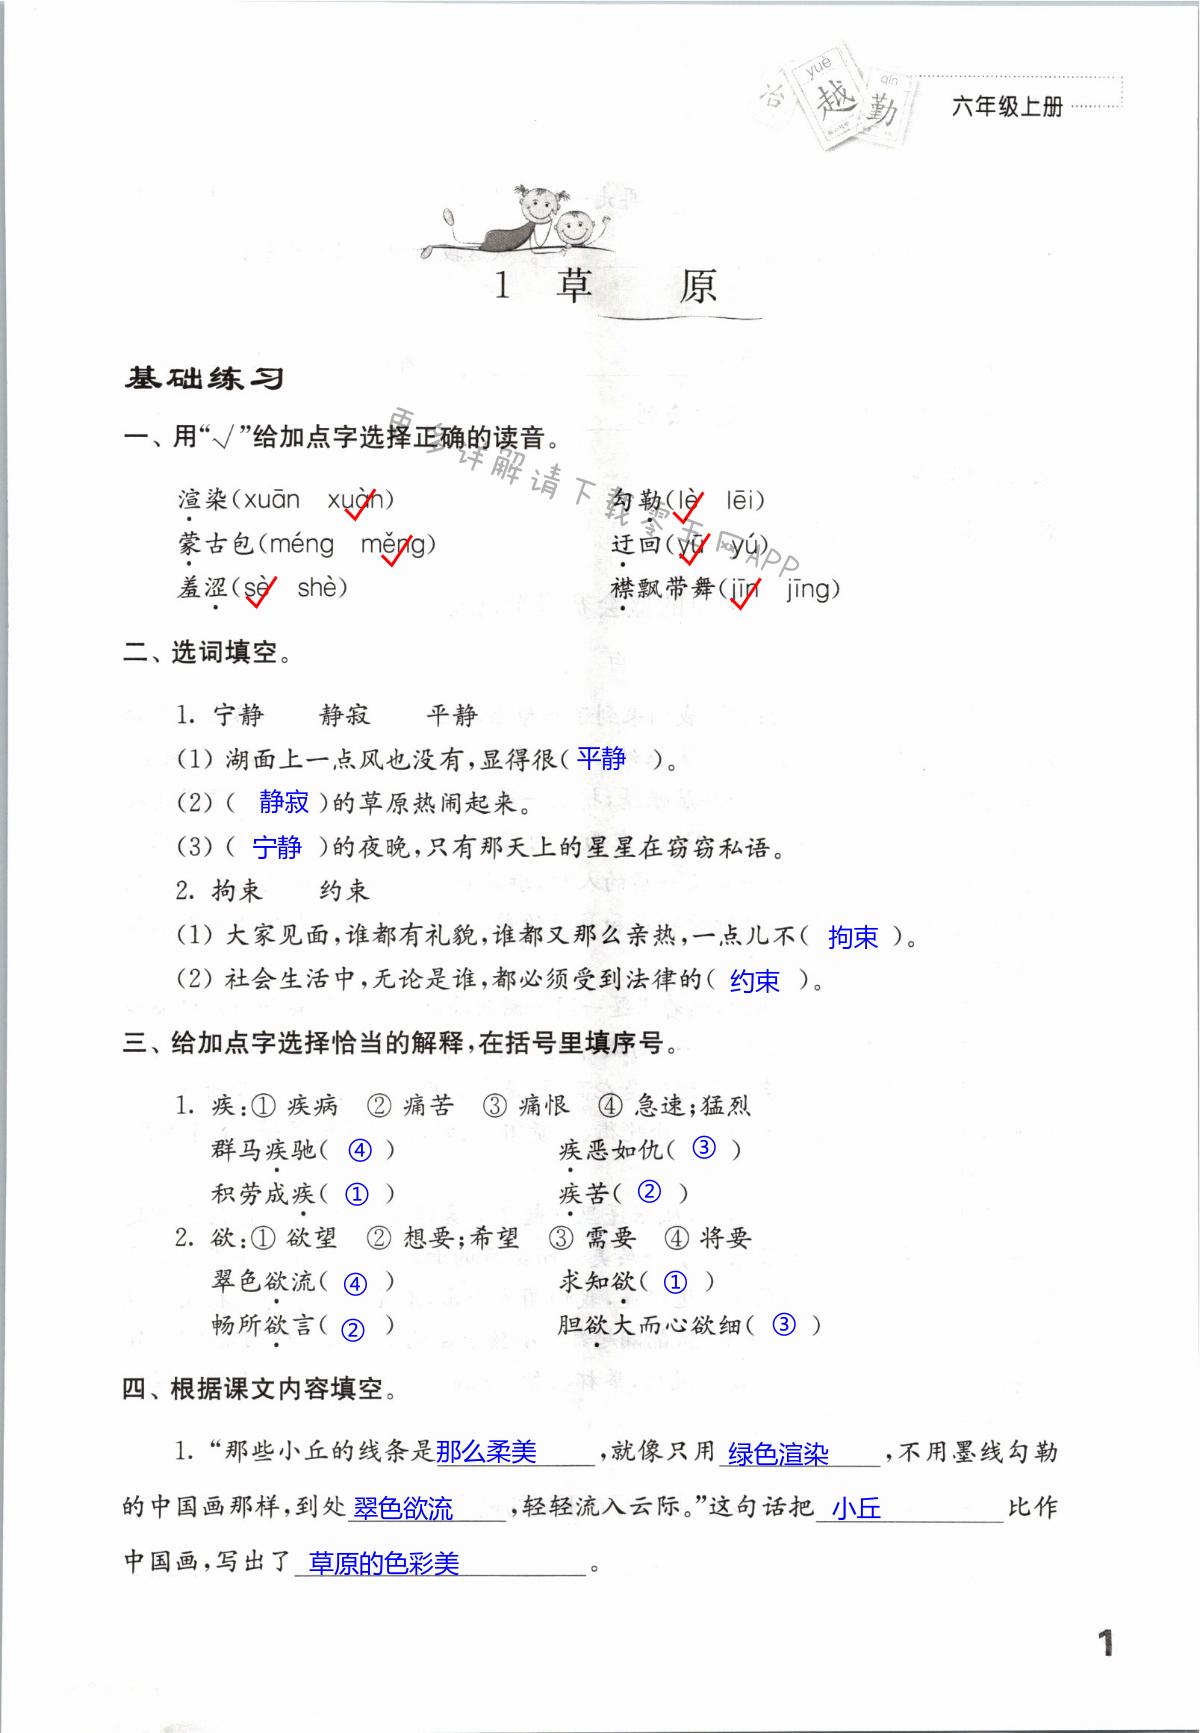 2021年练习与测试六年级语文上册人教版第1页